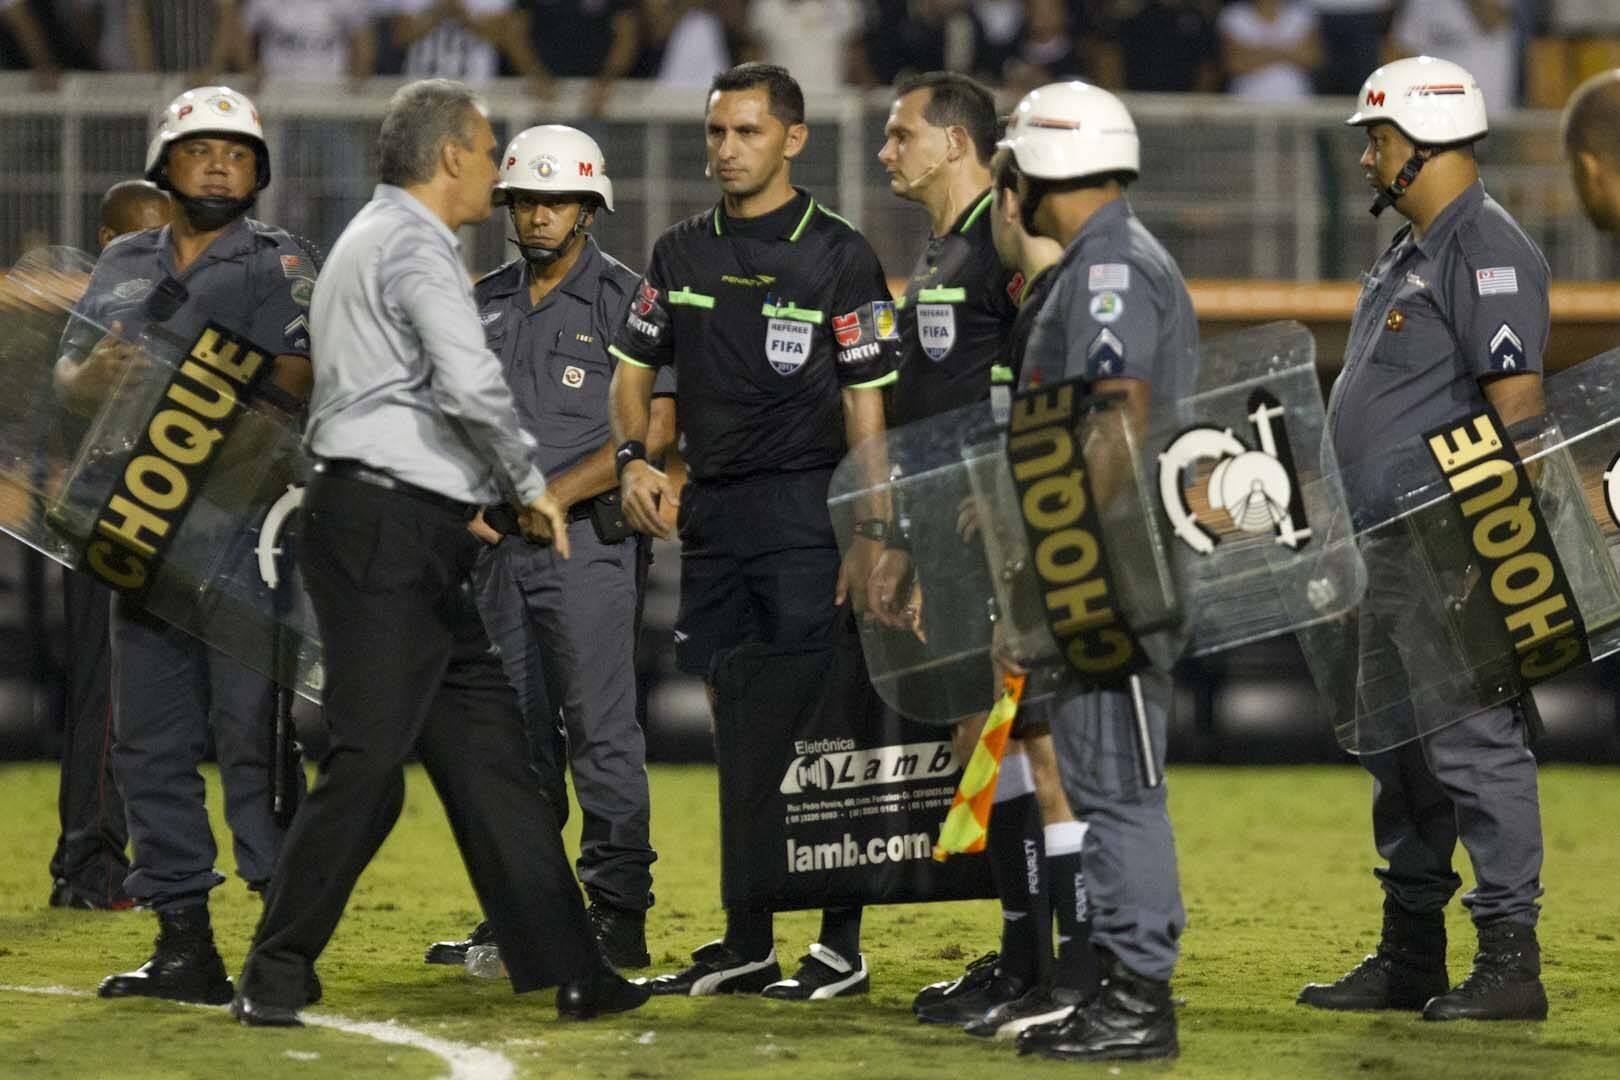 Tite ficou revoltado com os erros do árbitro Carlos Amarilla no jogo e o cumprimentou de maneira irônica. Foto: Daniel Augusto Jr./Agência Corinthians